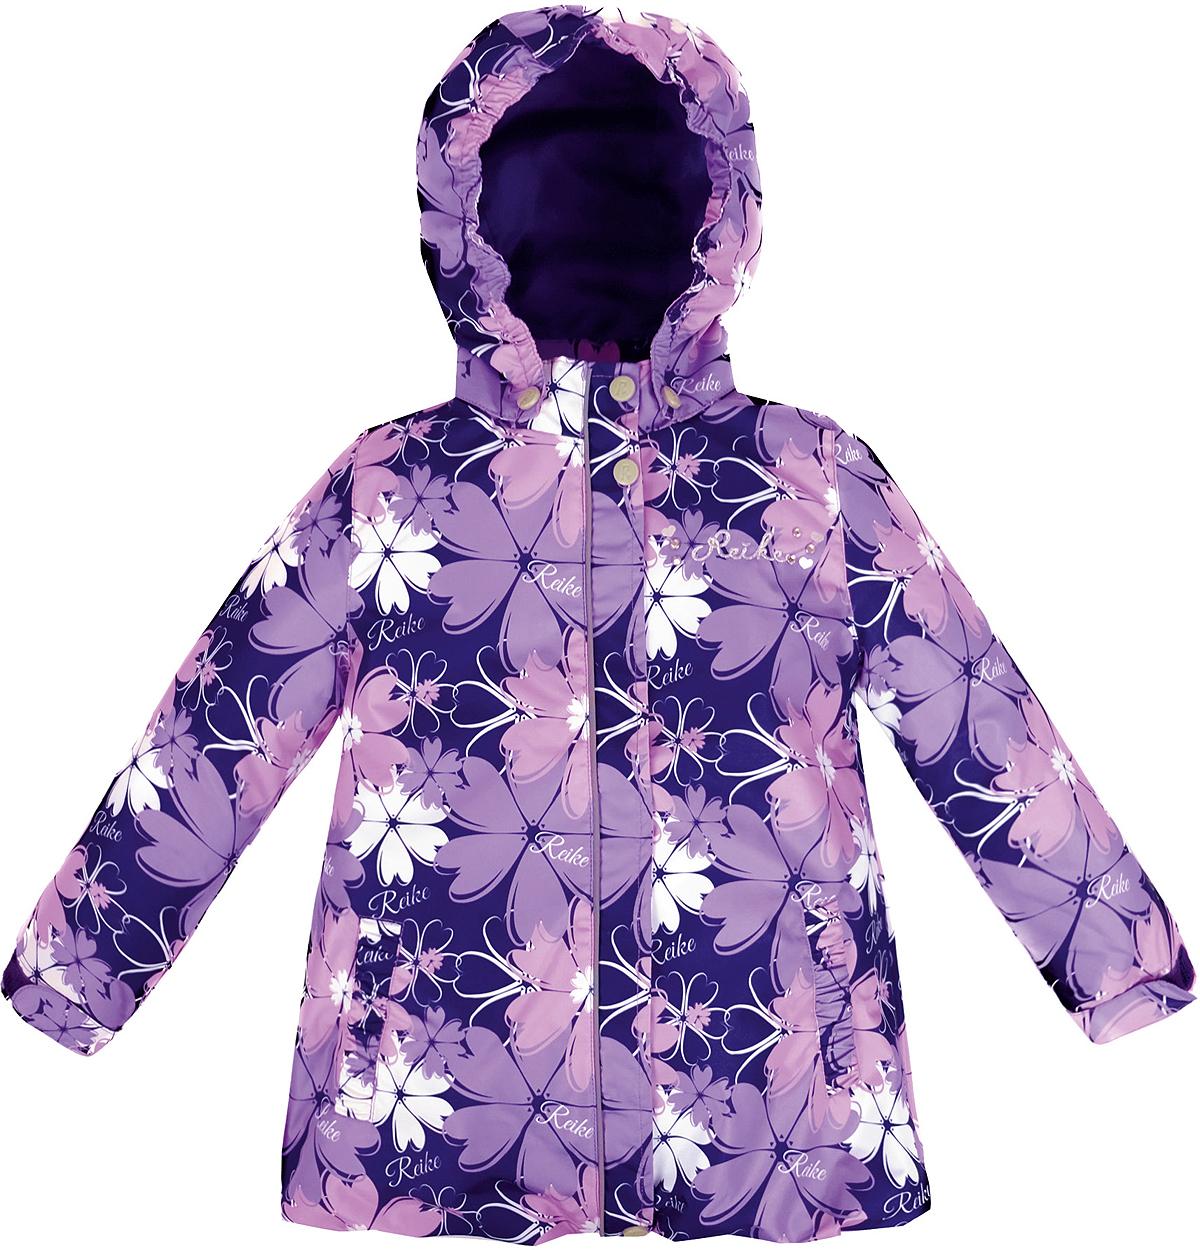 Куртка для девочки Reike Космея, цвет: фиолетовый. 36946335. Размер 122, 7 лет36 946 335_Cosmei violetСтильная куртка для девочки Reike Космея выполнена из ветрозащитного, водоотталкивающего и дышащего материала с подкладкой из микрофлиса, обеспечивающей дополнительный комфорт. Модель с воротником-стойкой, защищающим от ветра, застегивается на молнию с ветрозащитной планкой на кнопках и оформлена цветочным принтом в стиле серии. Манжеты рукавов на резинке дополнительно регулируются с помощью липучек. Модель дополнена съемным капюшоном, утянутым резинкой, двумя прорезными карманами, утяжкой по низу изделия и светоотражающими элементами. На груди куртка декорирована серебристой вышивкой и стразами. Особенности изделия:- базовый уровень; - коэффициент воздухопроницаемости: 2000гр/м2/24 ч;- водоотталкивающее покрытие: 2000 мм.